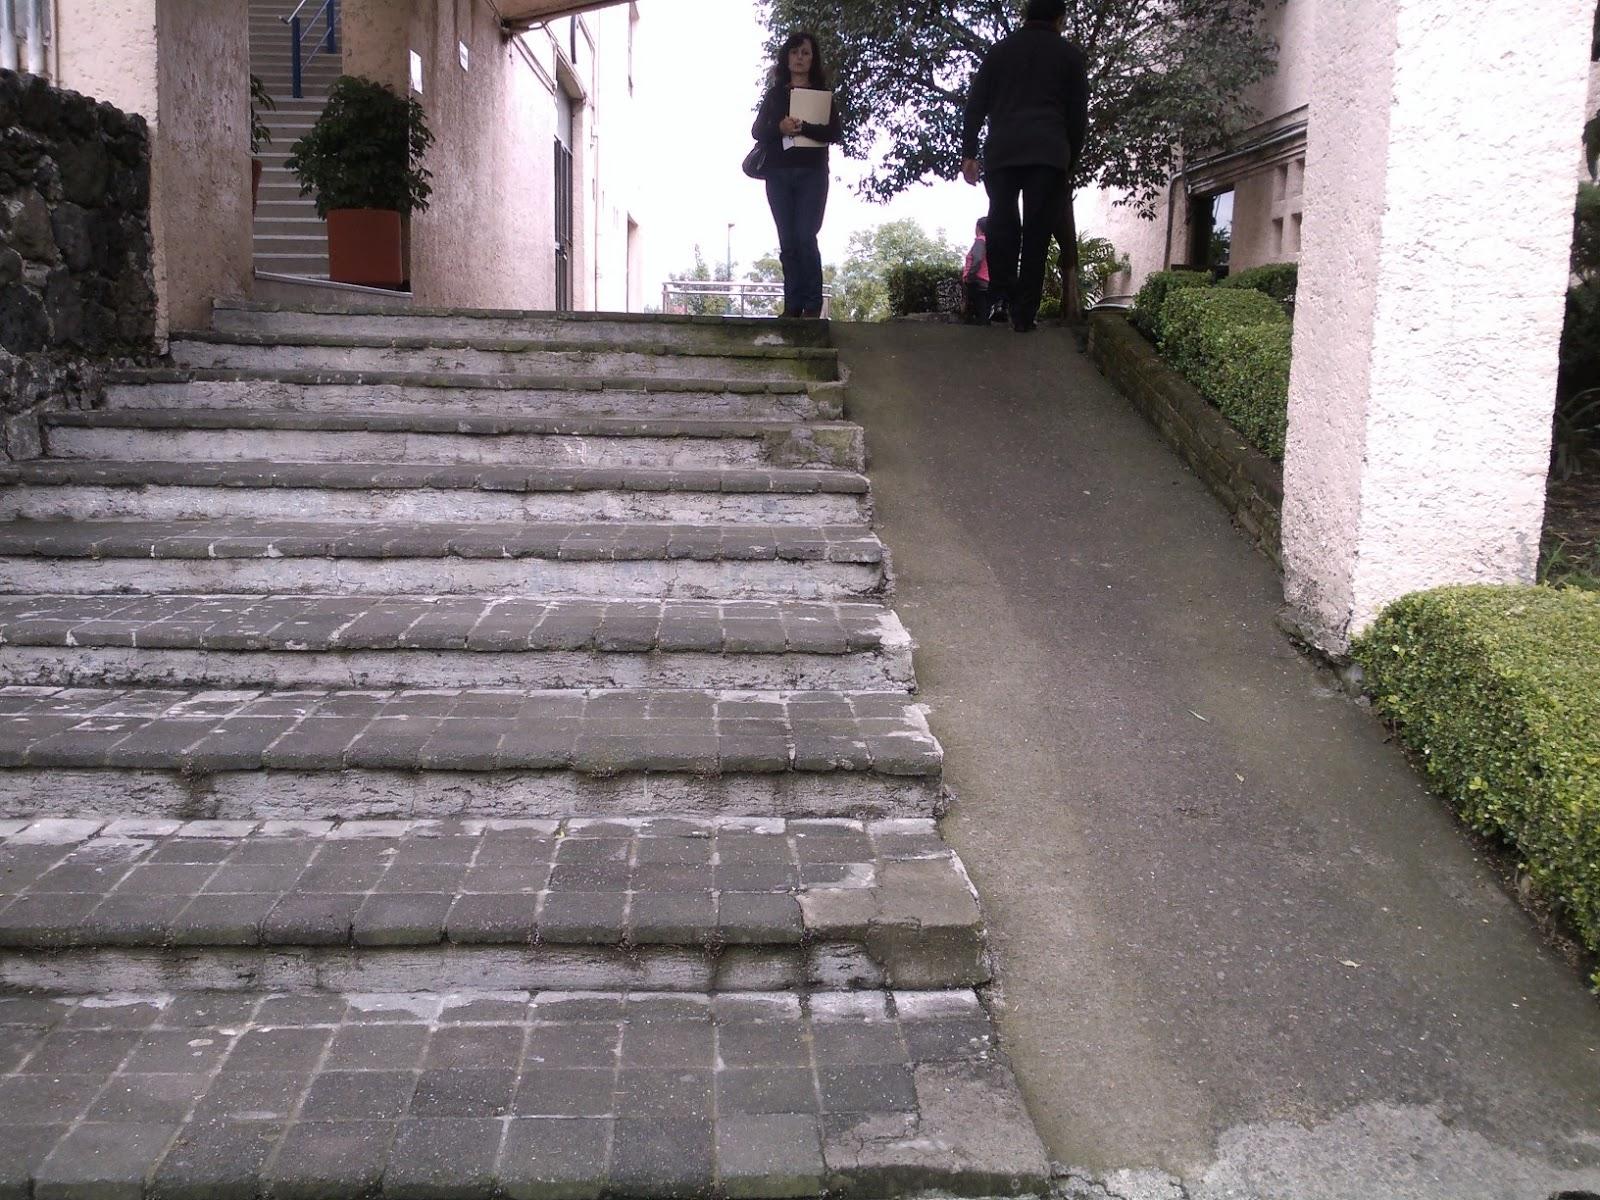 Salud en el trabajo for Escaleras nom 001